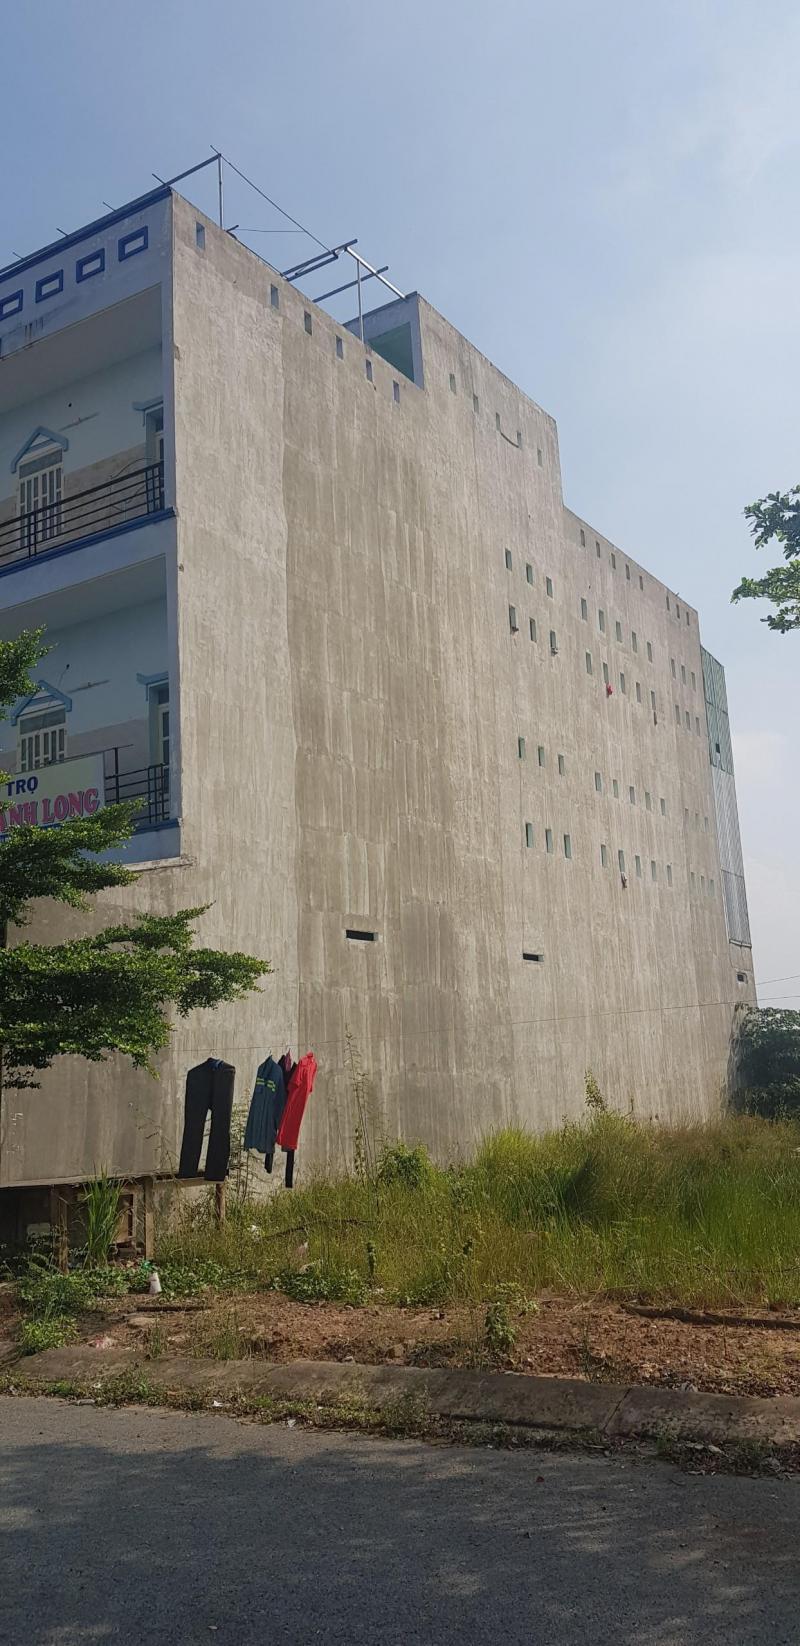 Ngân hàng Sacombank thanh lý đất nền, thổ cư 100%, SHR. Xây dựng tự do, dân cư đông đúc.